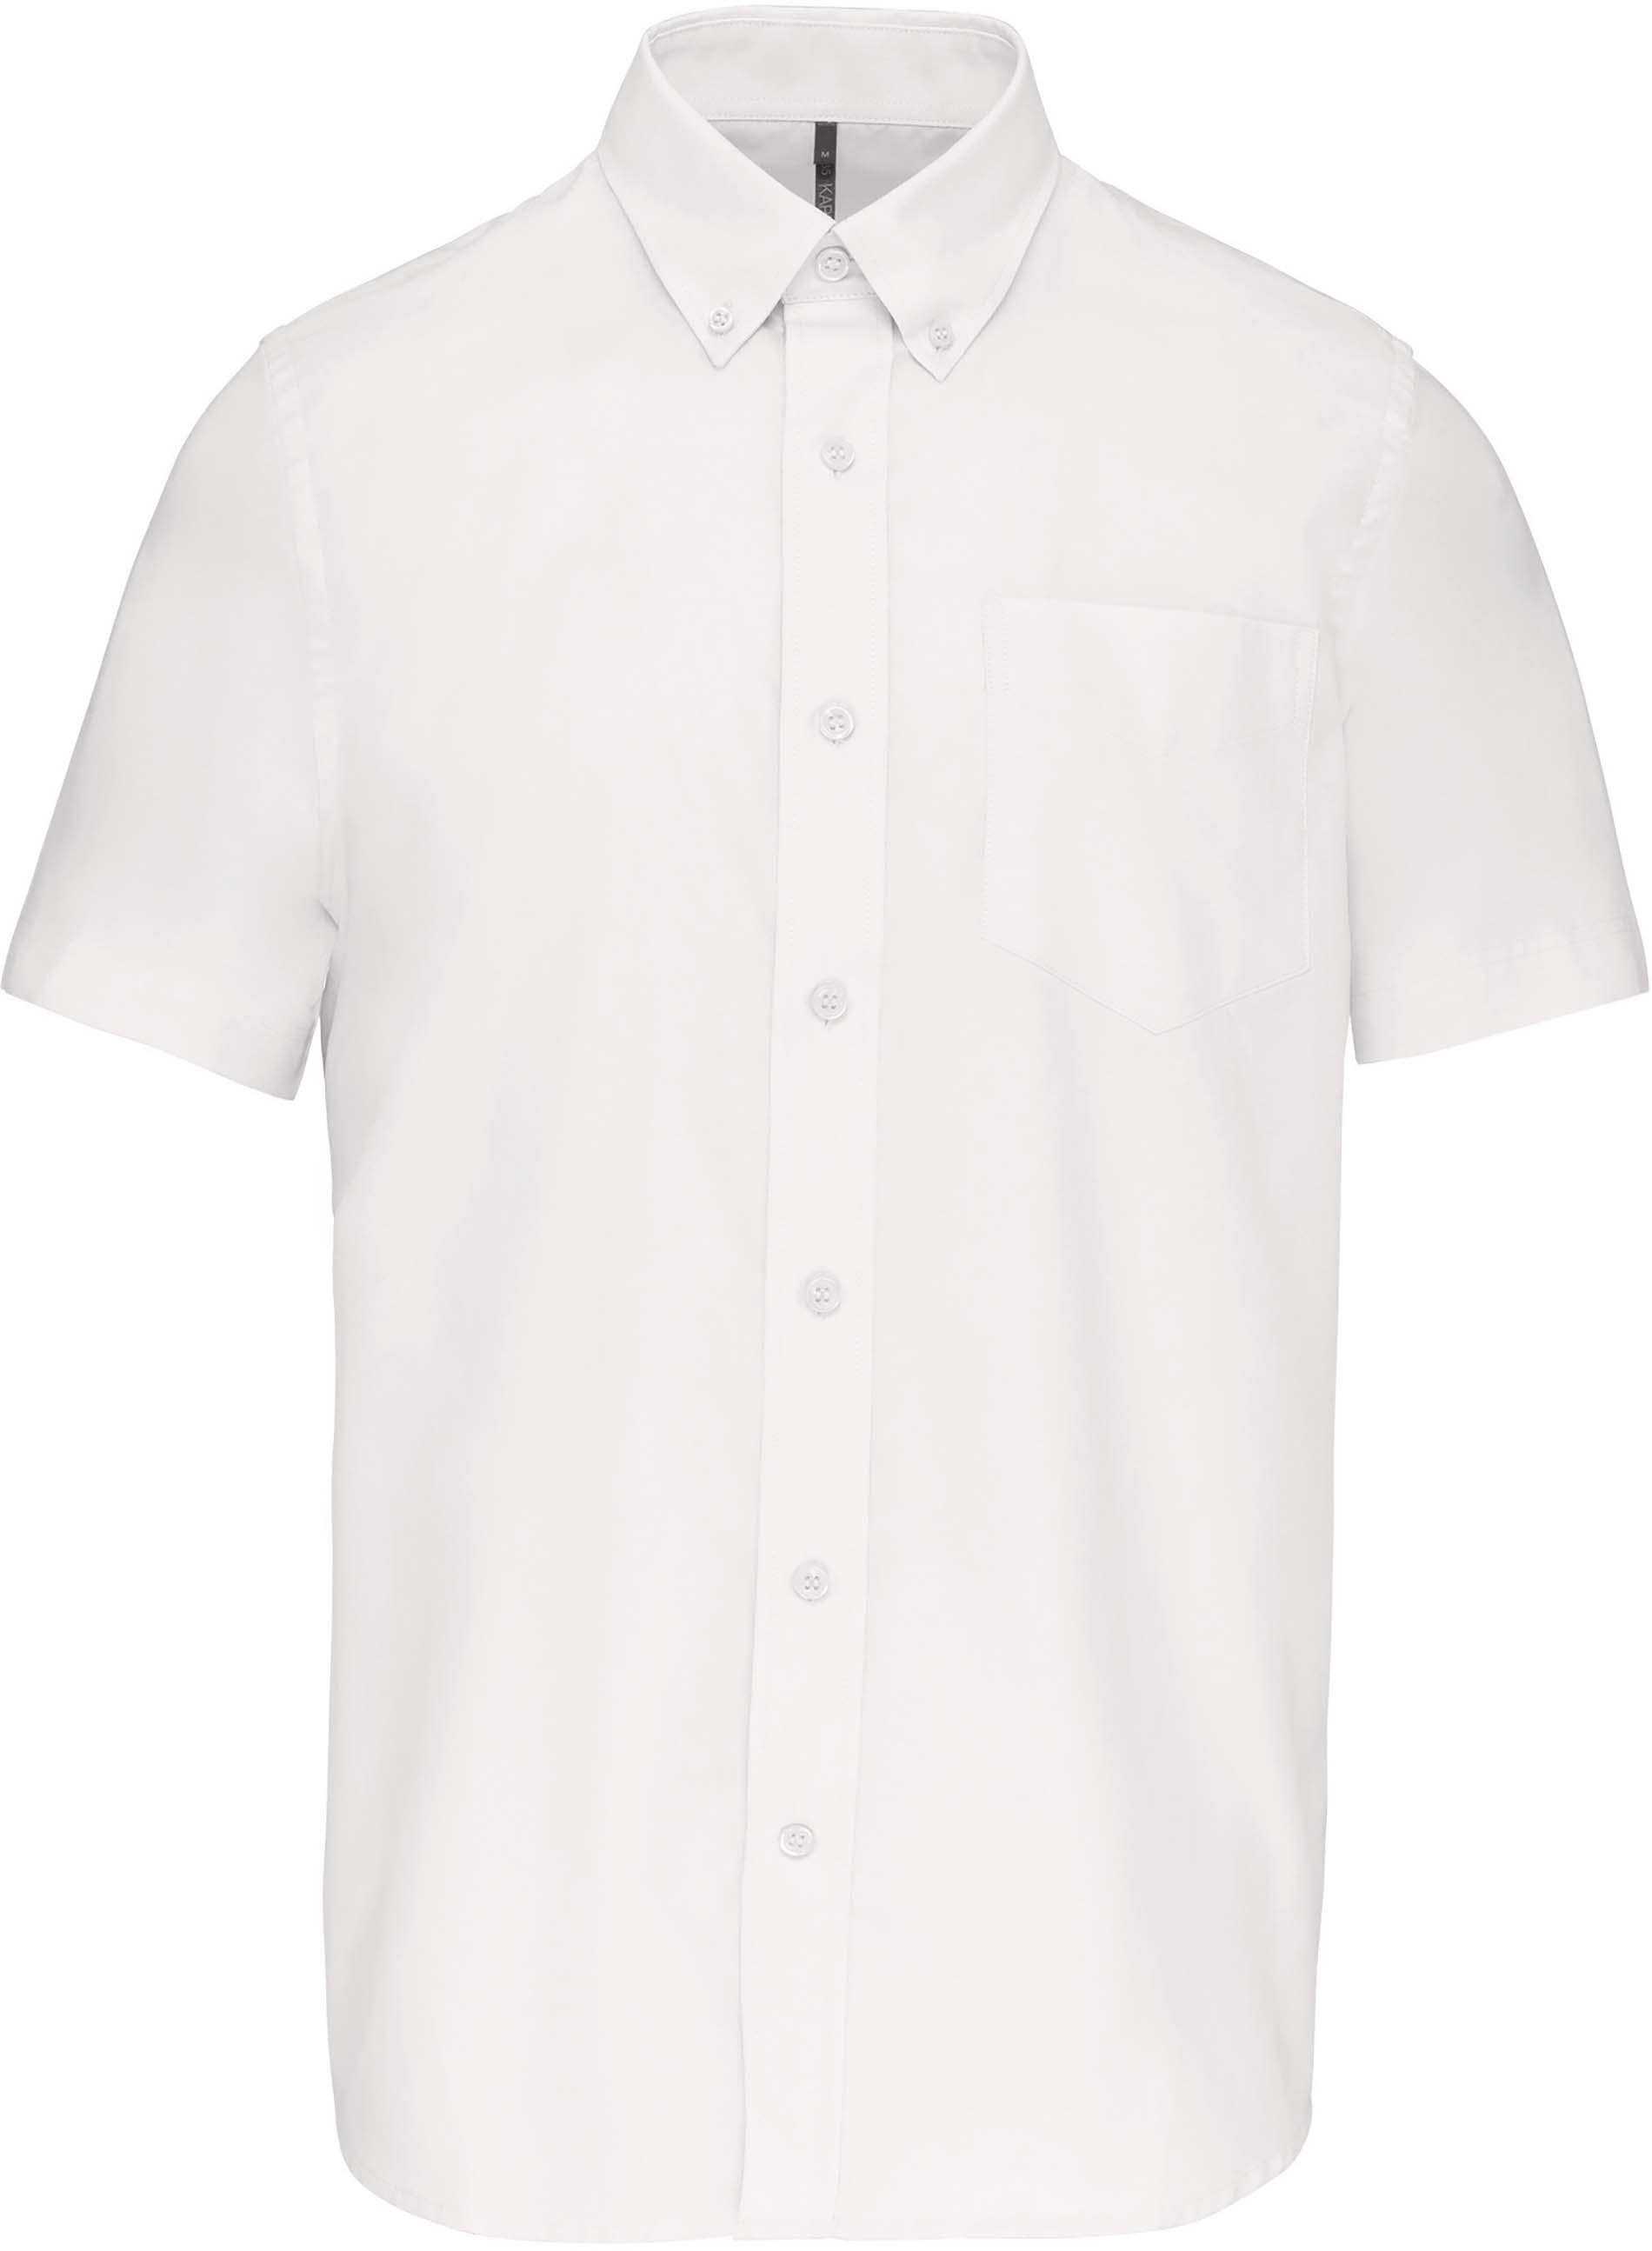 Pánská košile oxford s krátkým rukávem. Barva: White